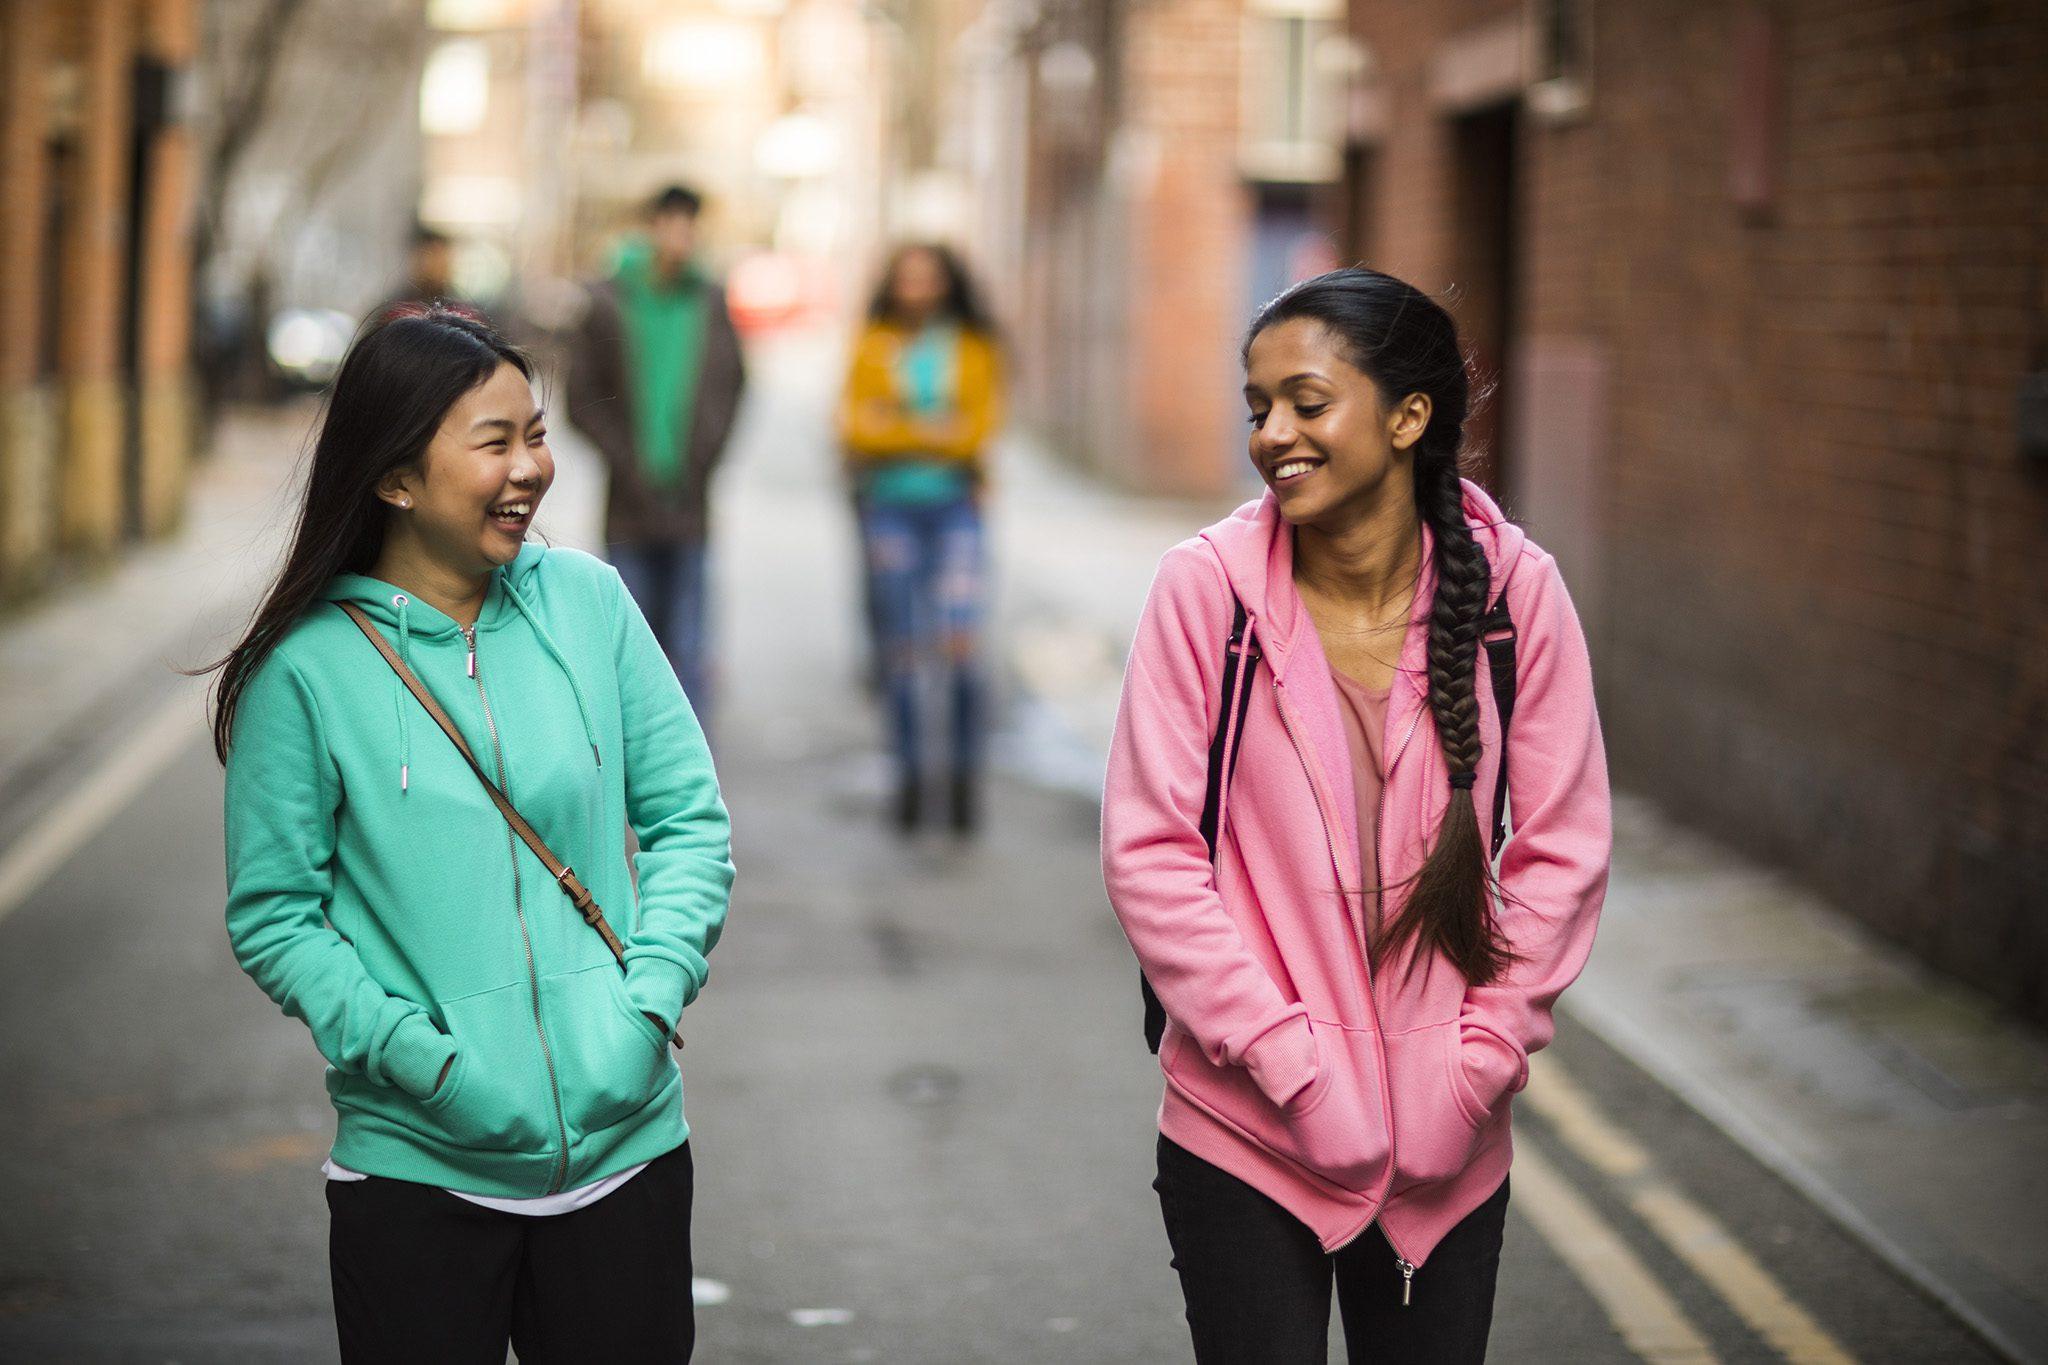 ทุนสำหรับคนอยากเรียนต่ออังกฤษกว่า 40 ทุน พร้อมชูทุนสำหรับผู้หญิงเรียนด้าน STEM ครั้งแรกในไทย